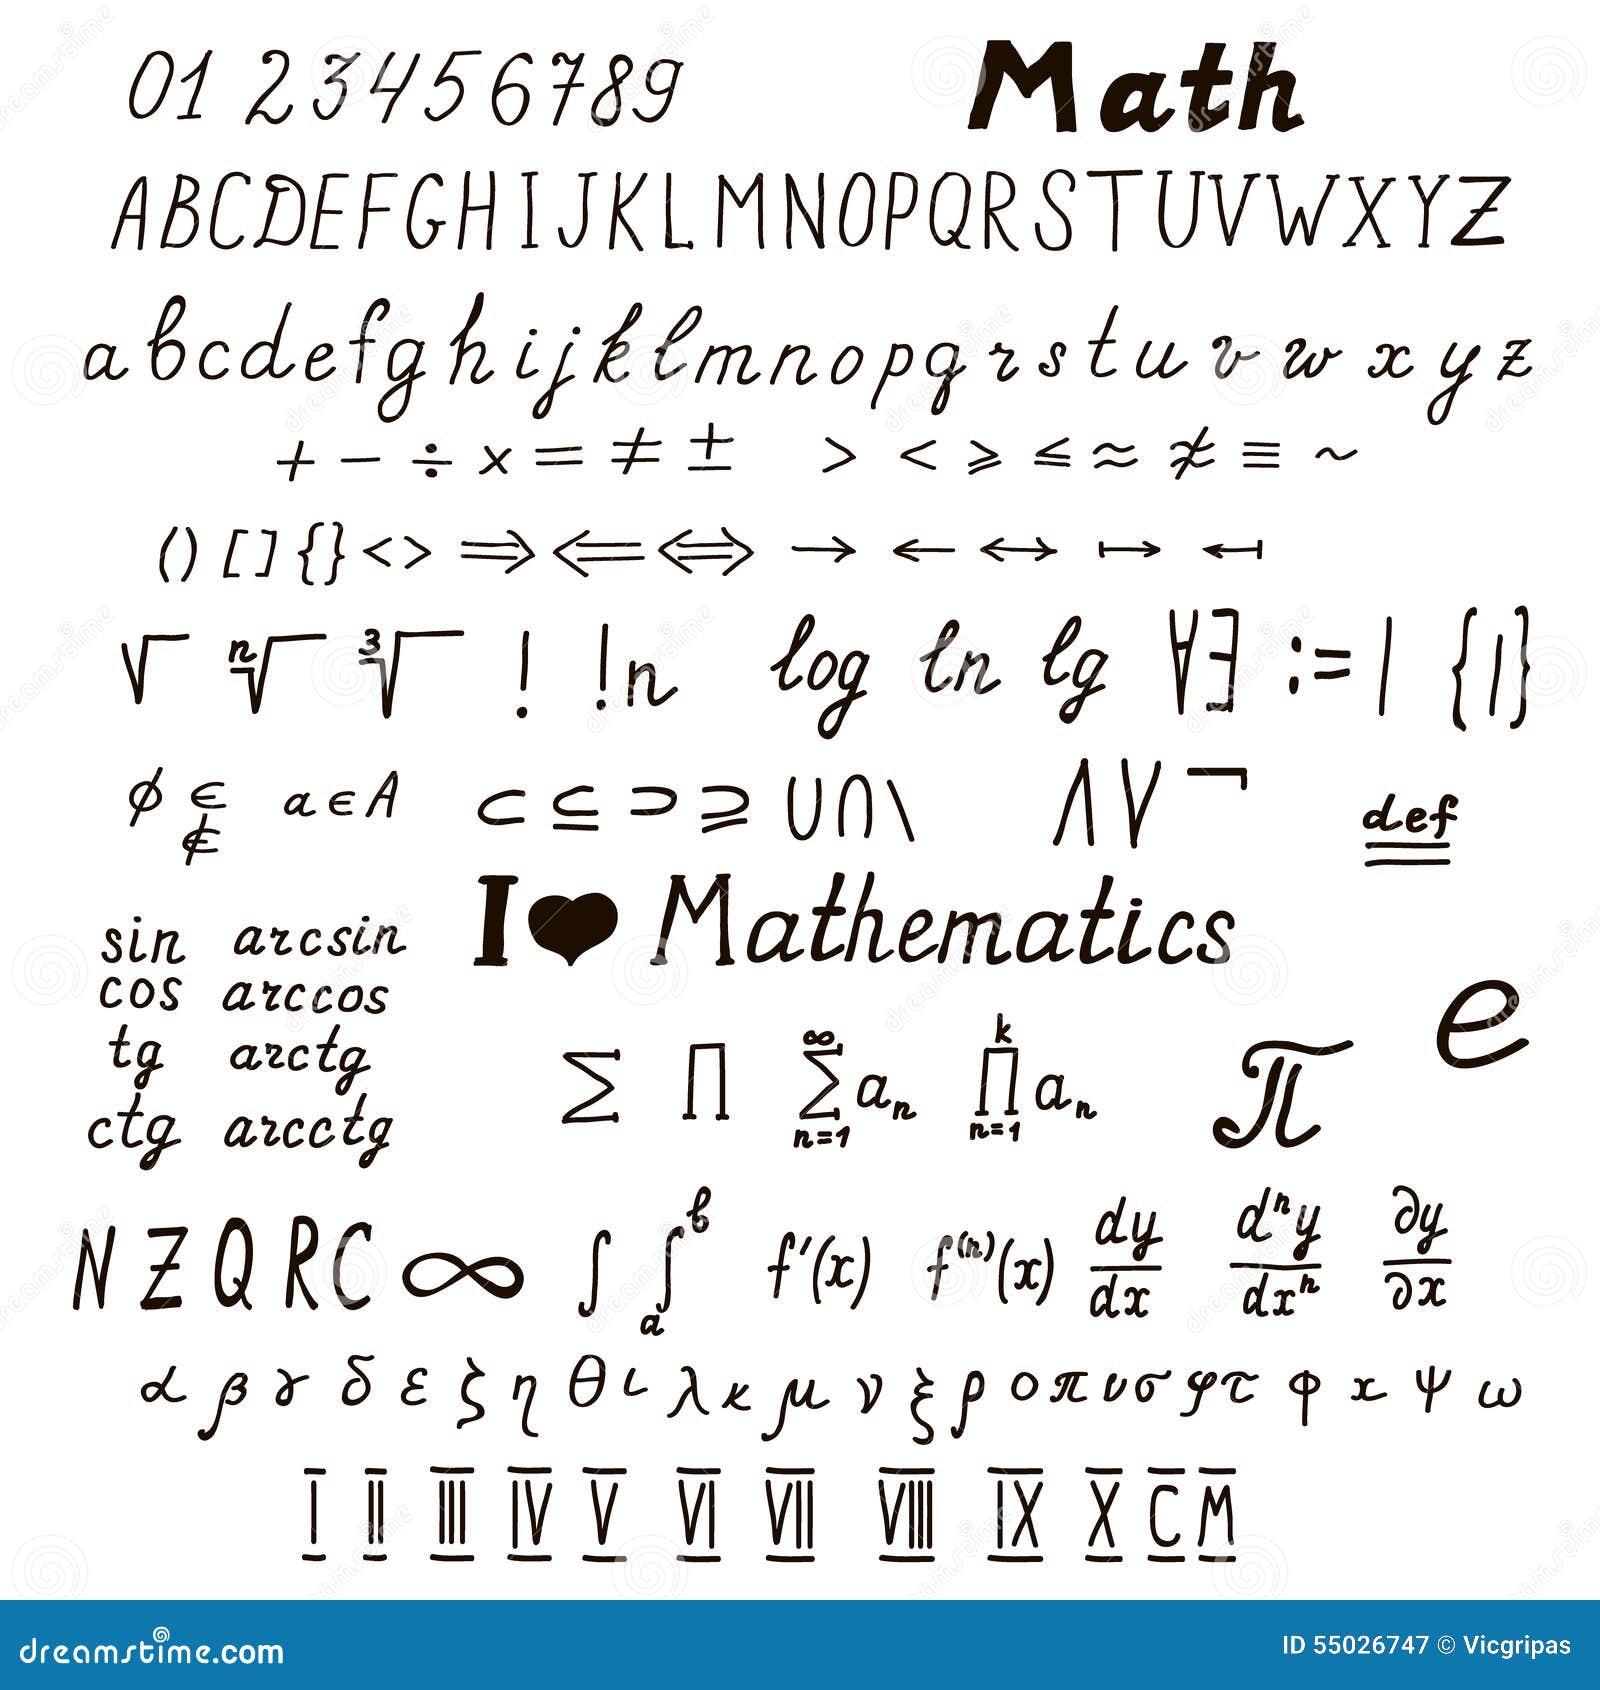 Greek Letter Rho In Latex